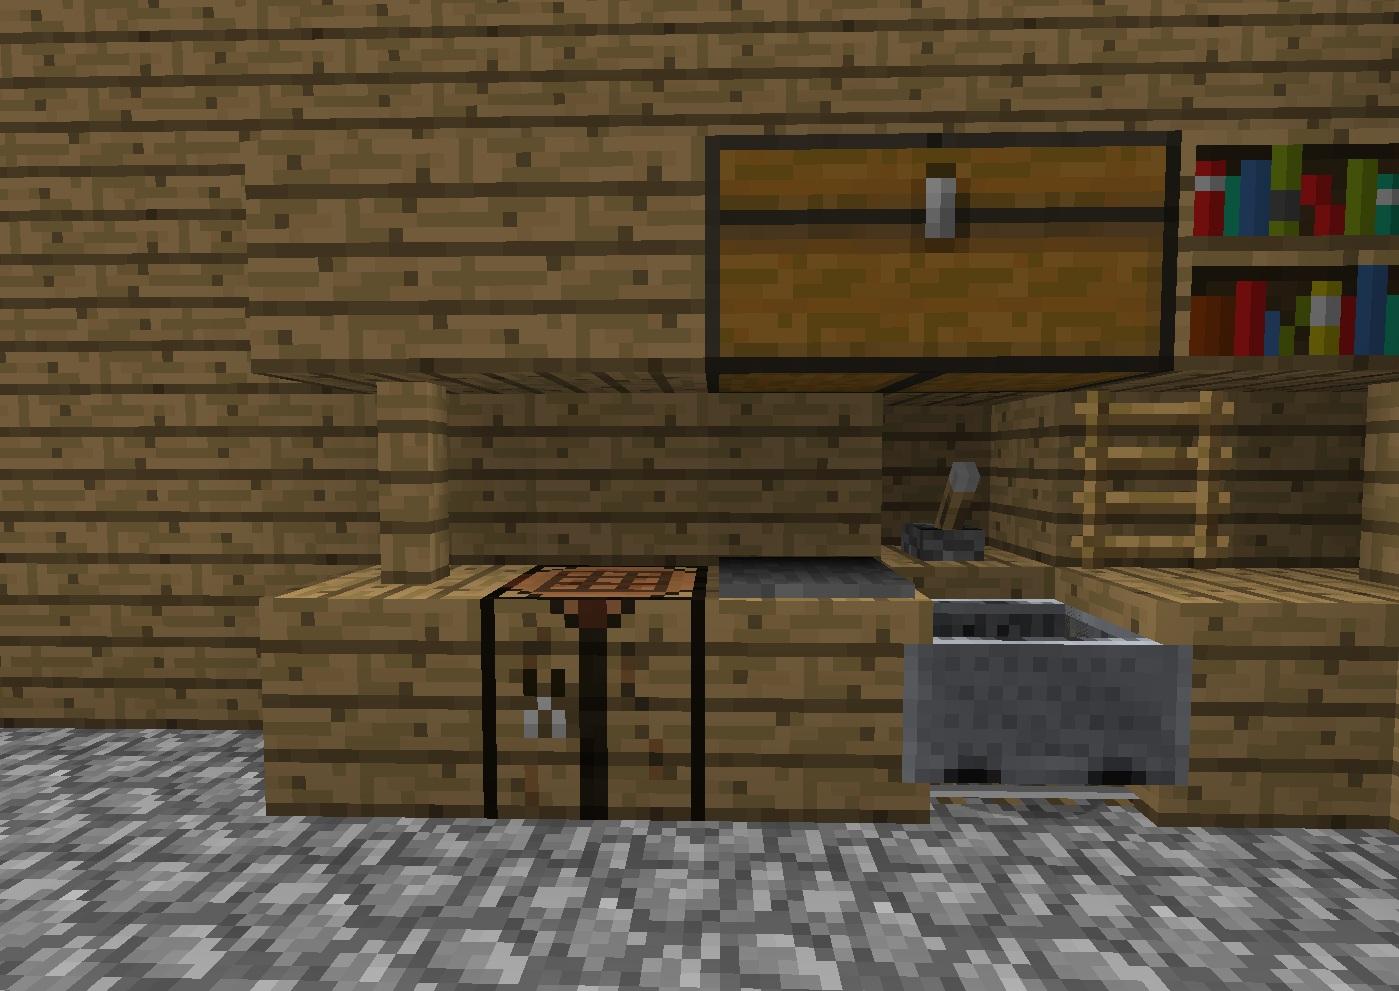 Kitchen minecraftdesign wiki for Kitchen designs in minecraft